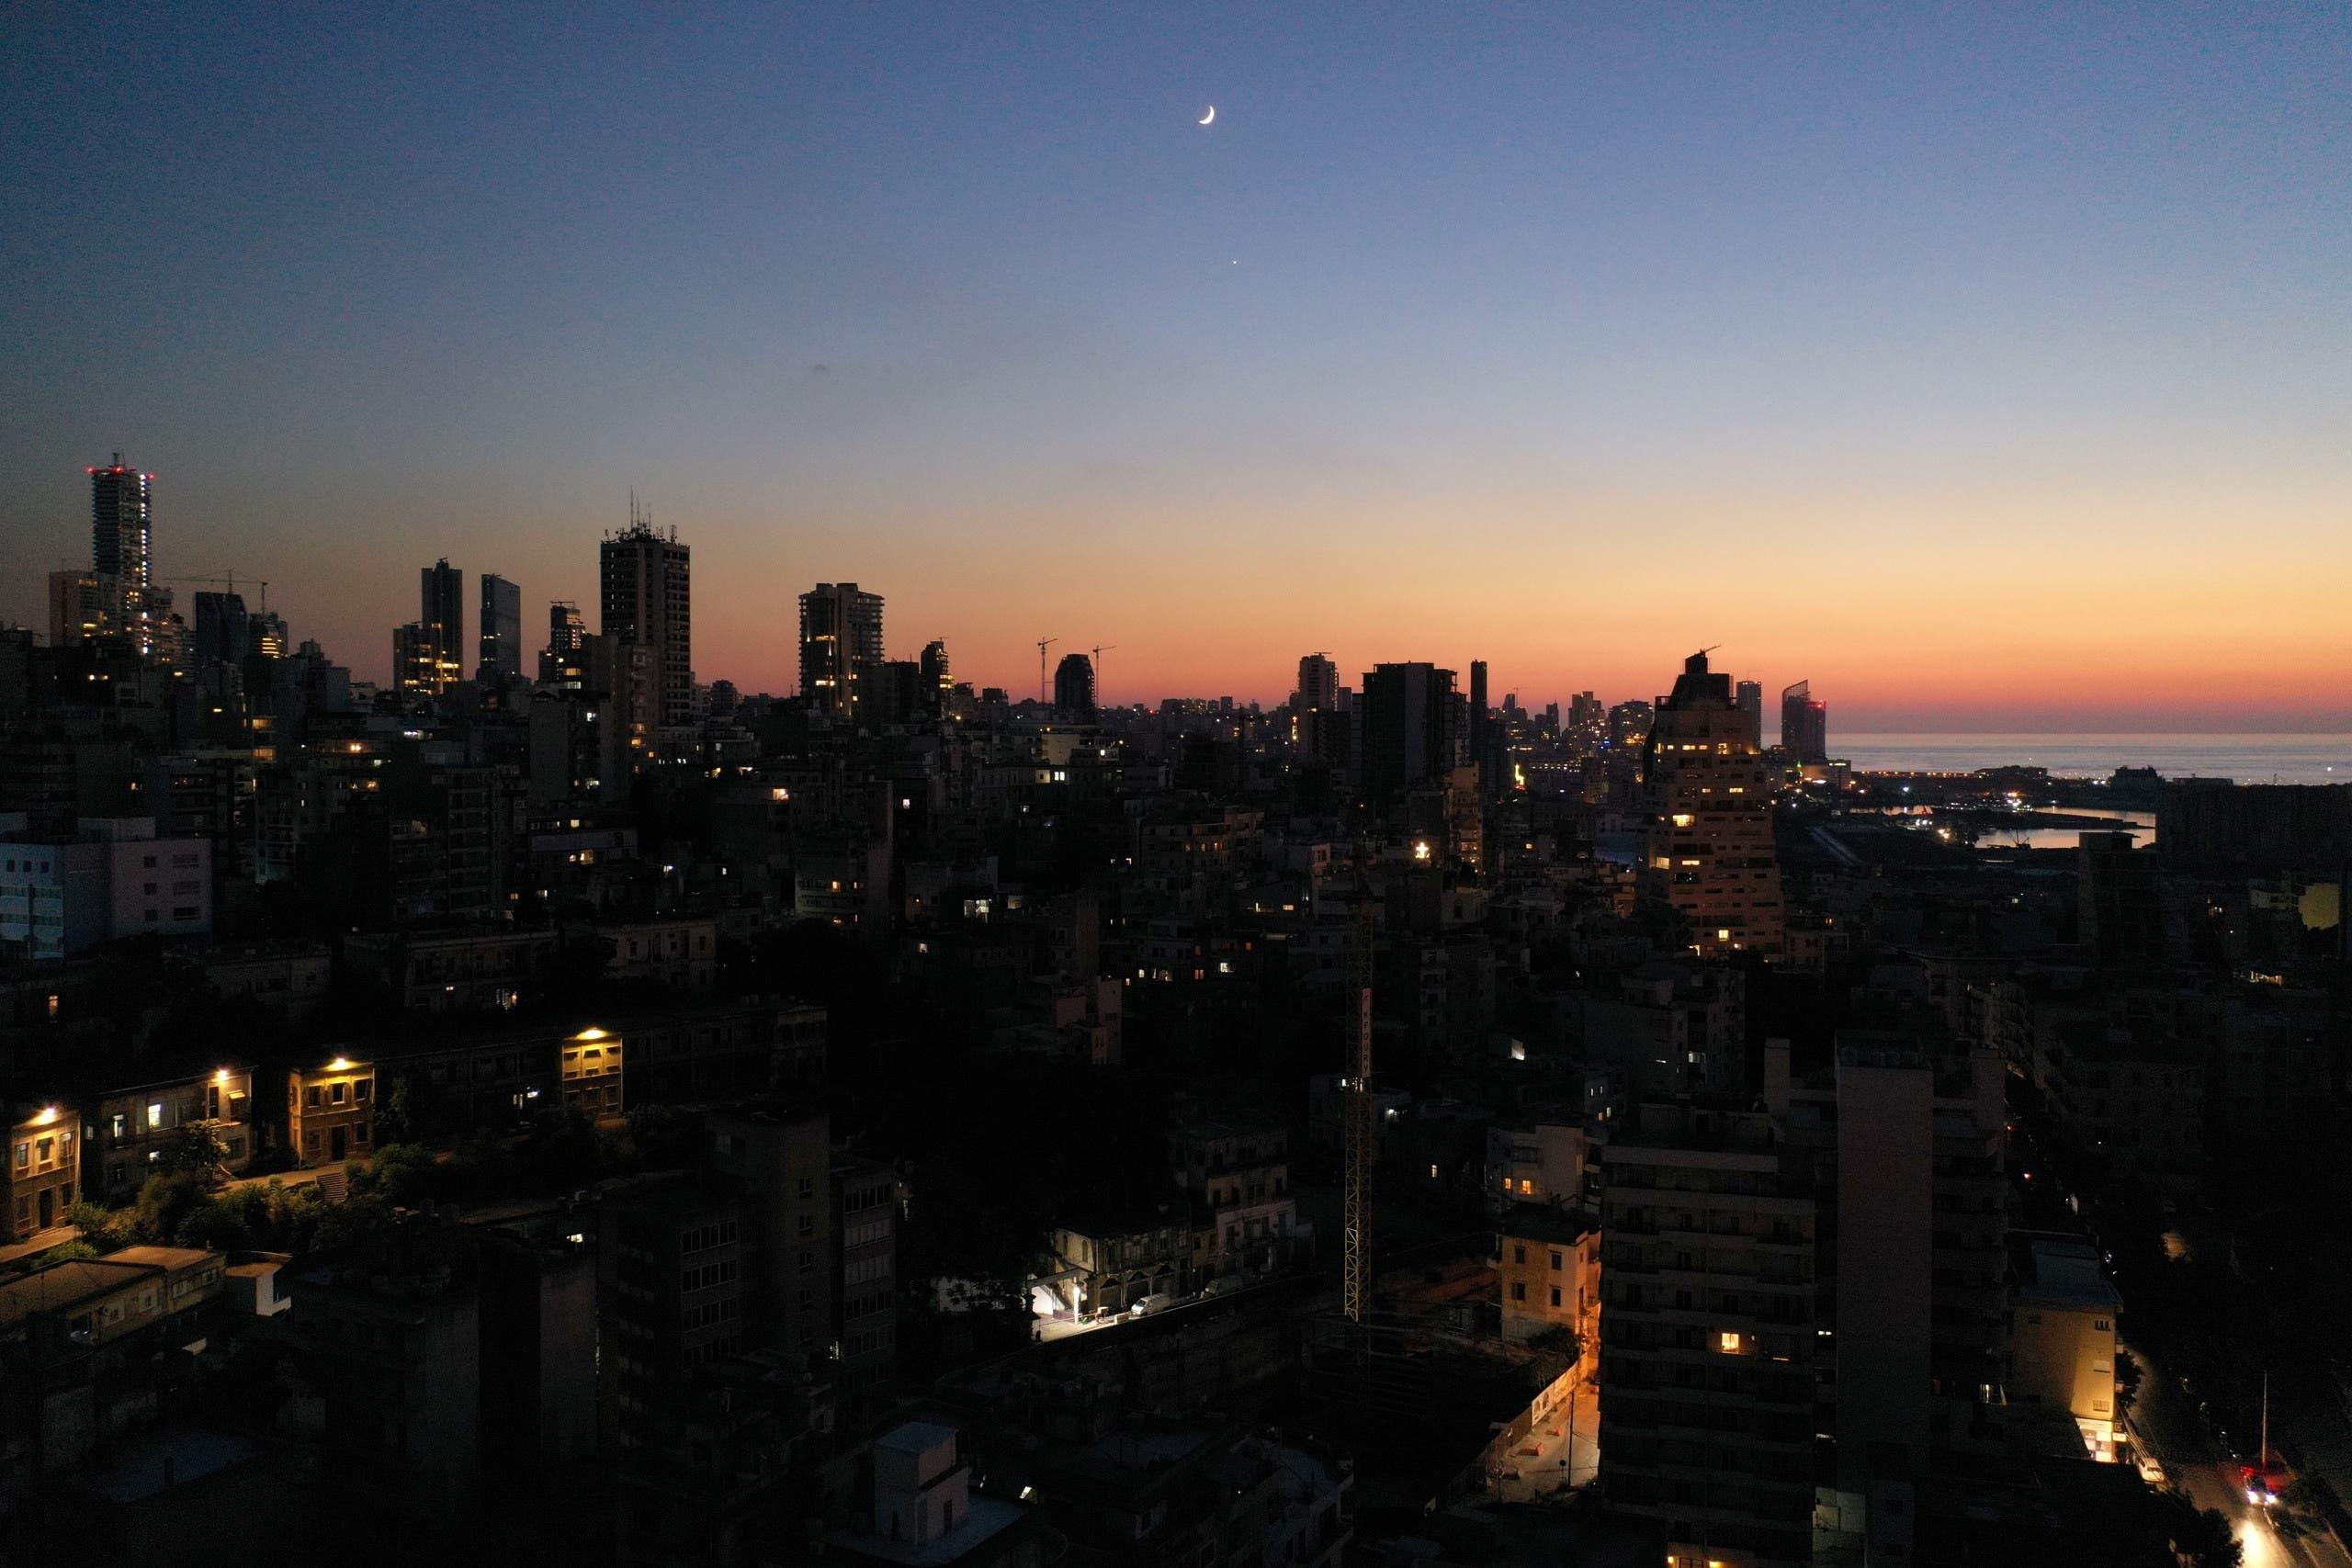 أزمة الكهرباء في لبنان (أرشيفية من رويترز)